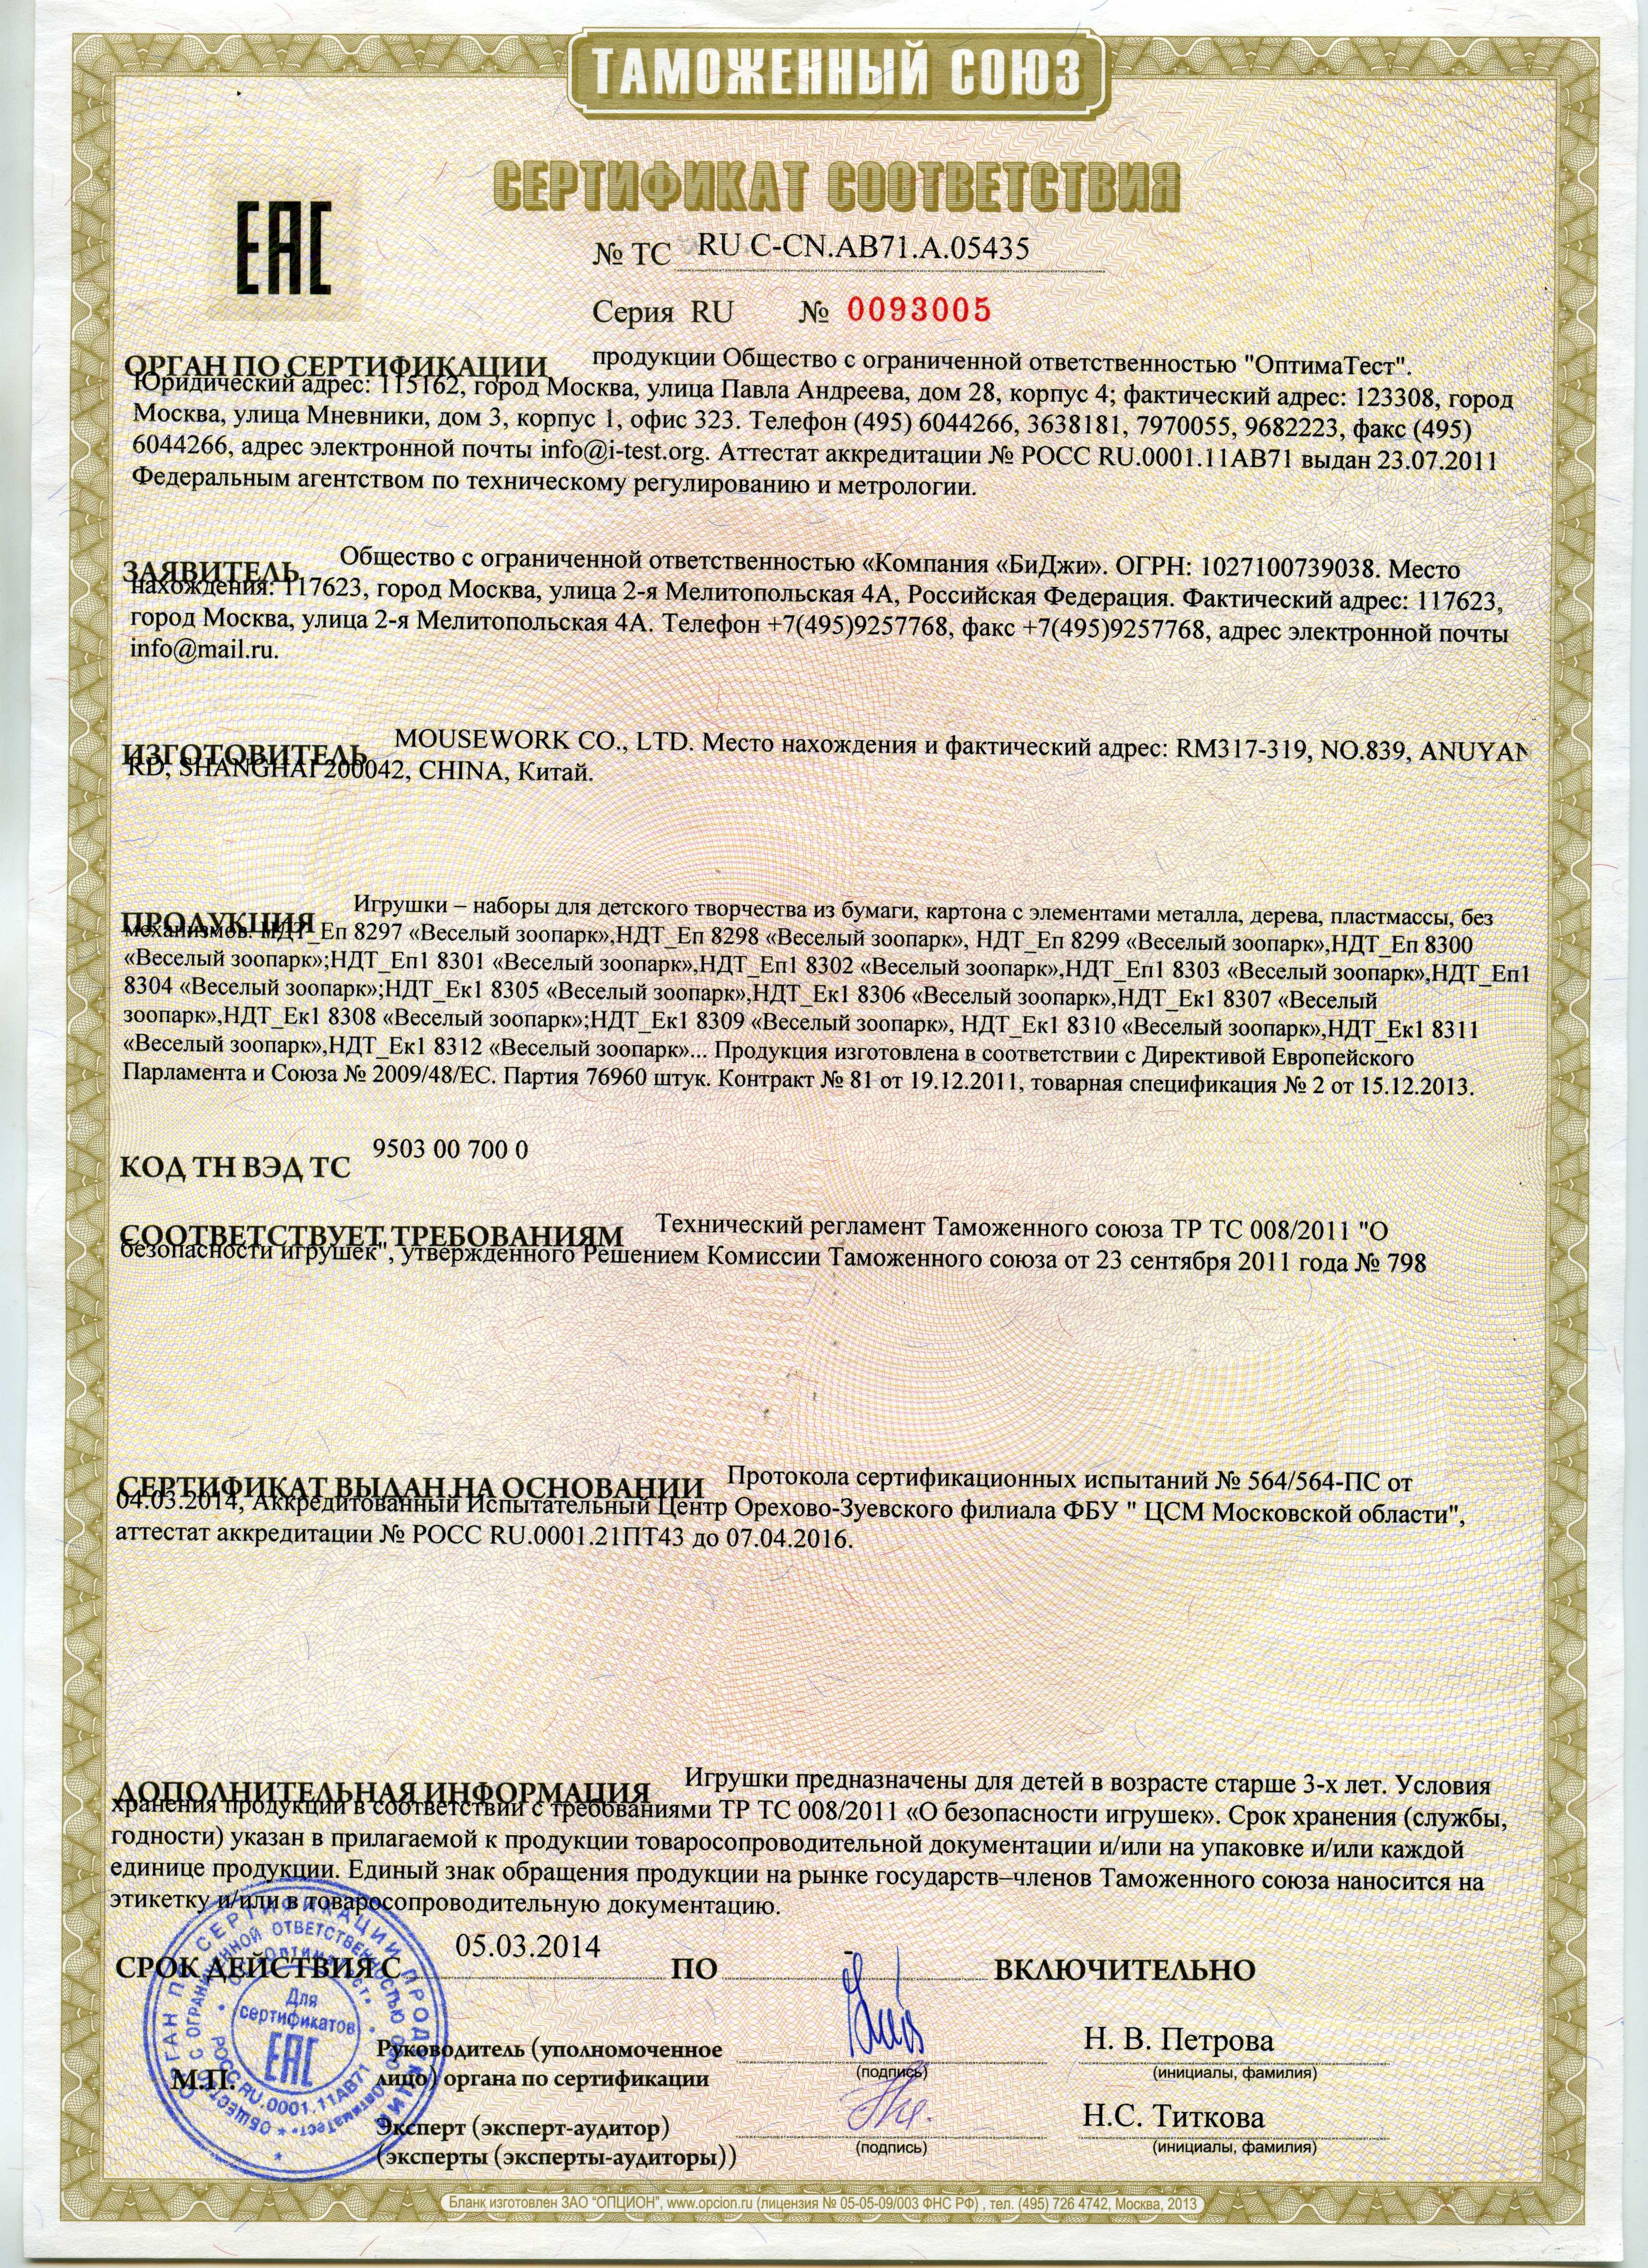 BG Картон, бумага